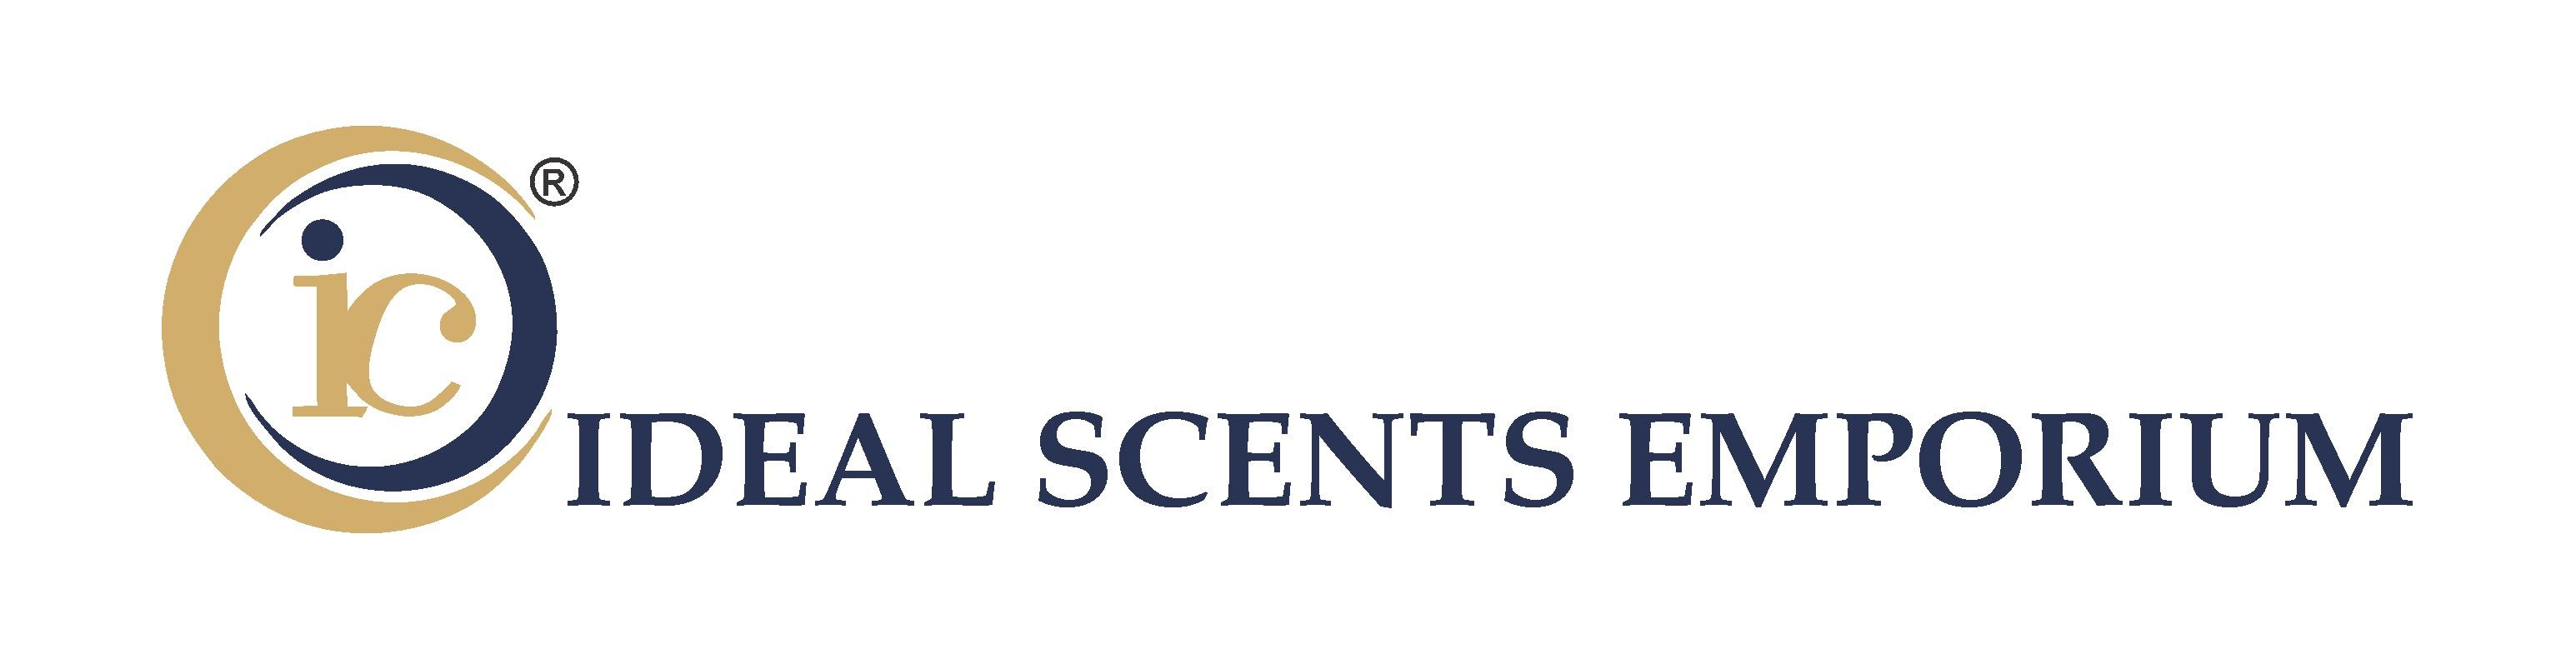 Ideal Scents Emporium